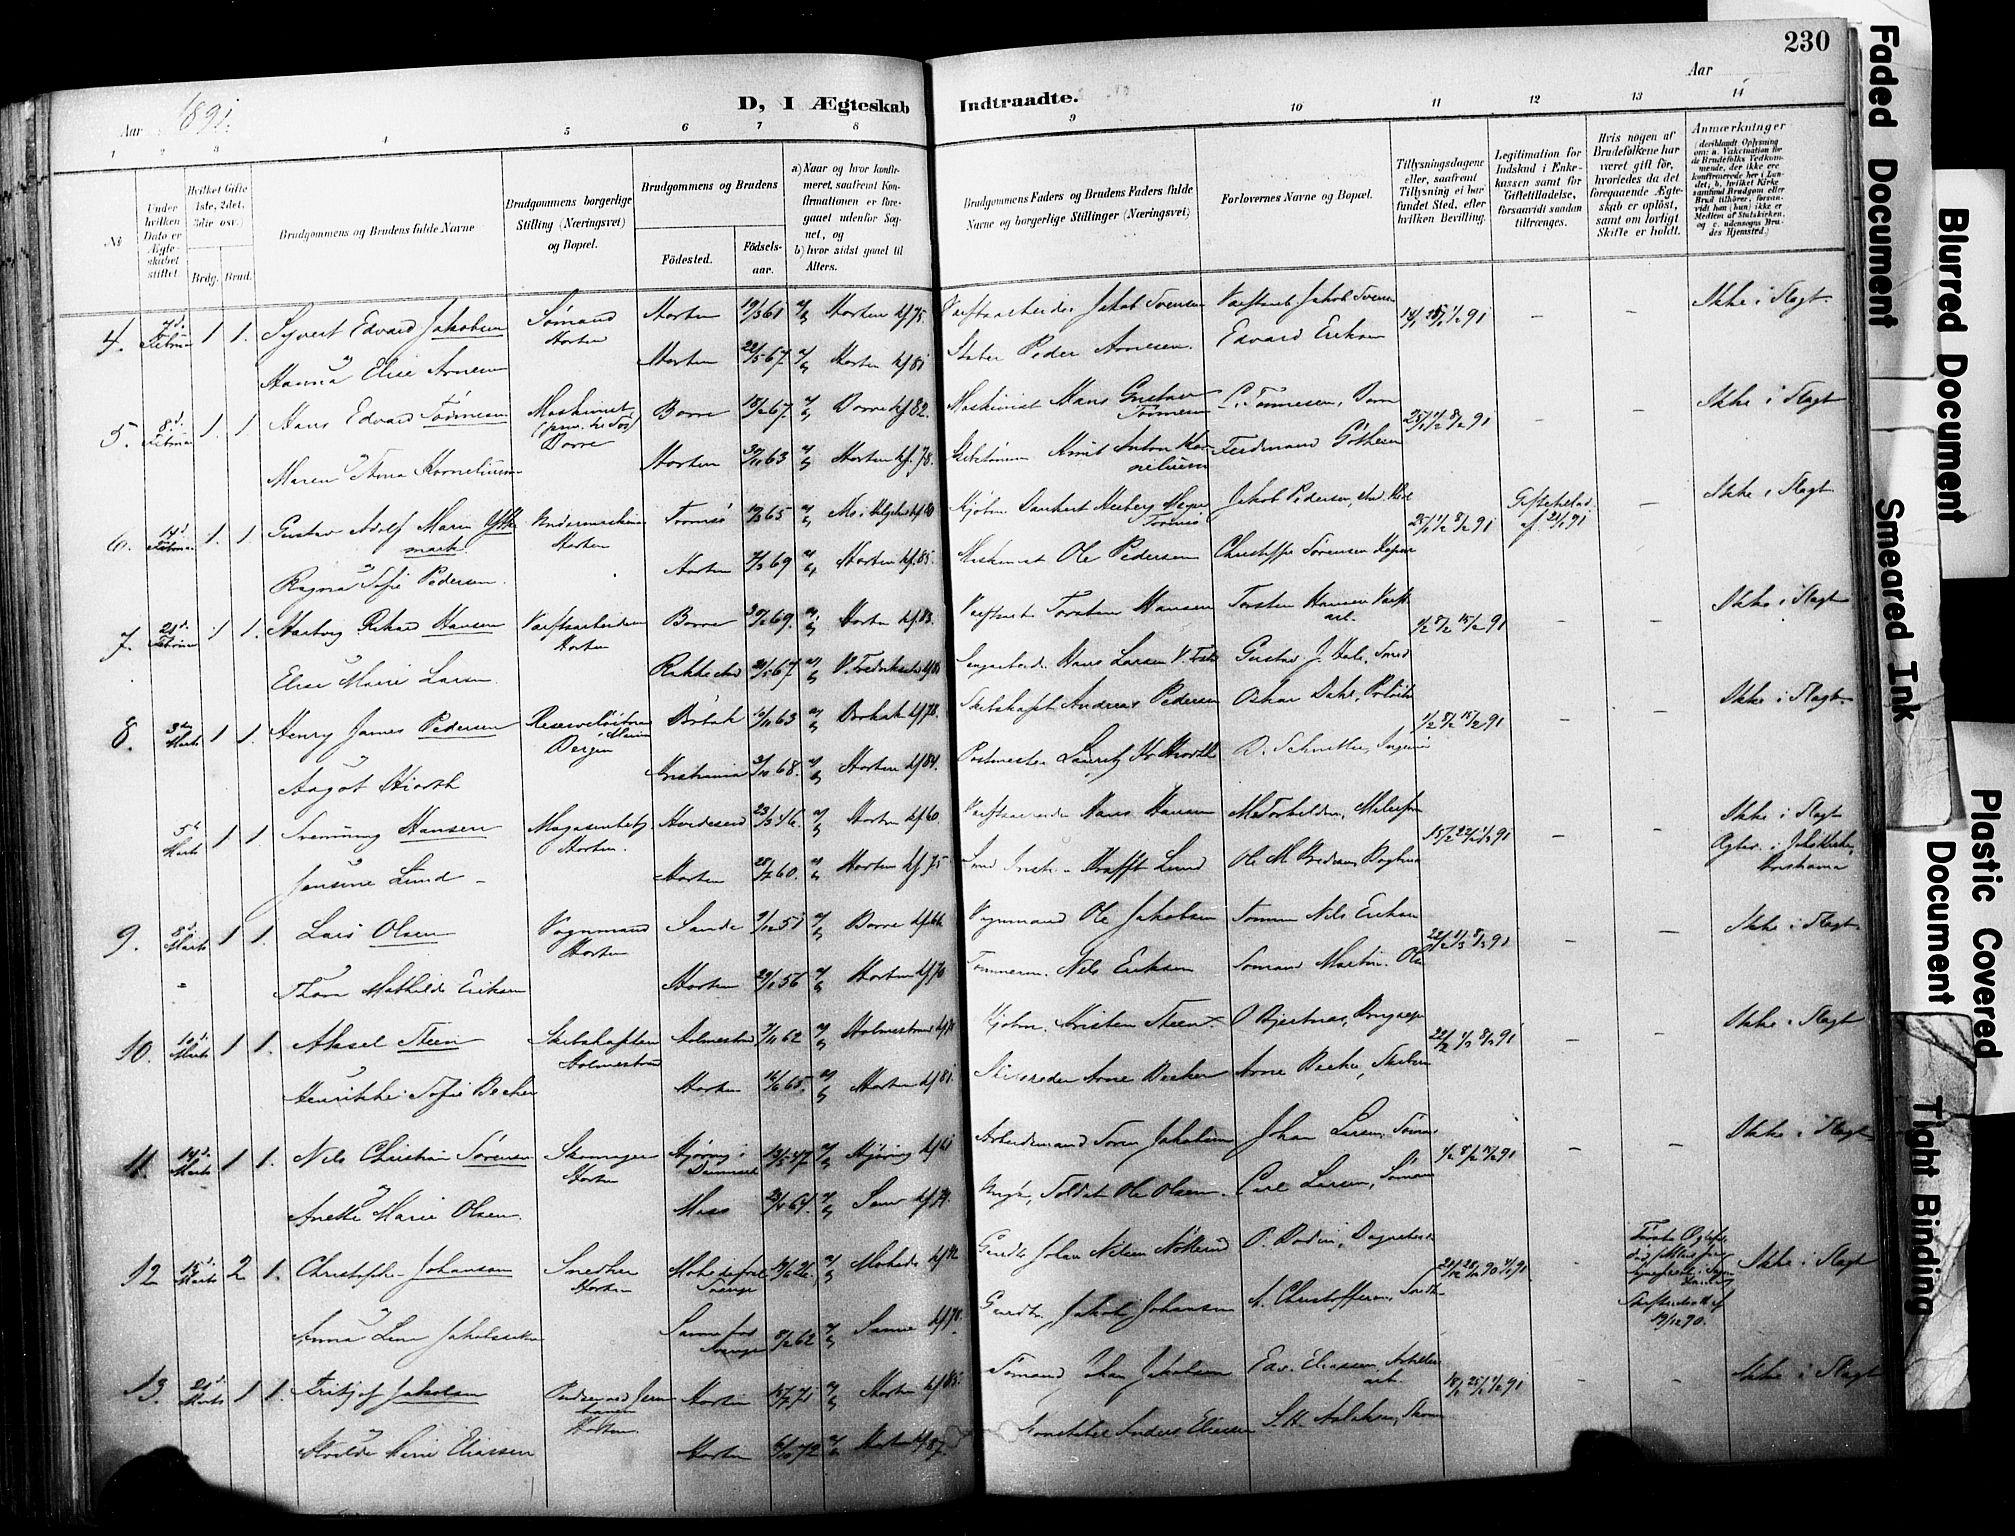 SAKO, Horten kirkebøker, F/Fa/L0004: Ministerialbok nr. 4, 1888-1895, s. 230